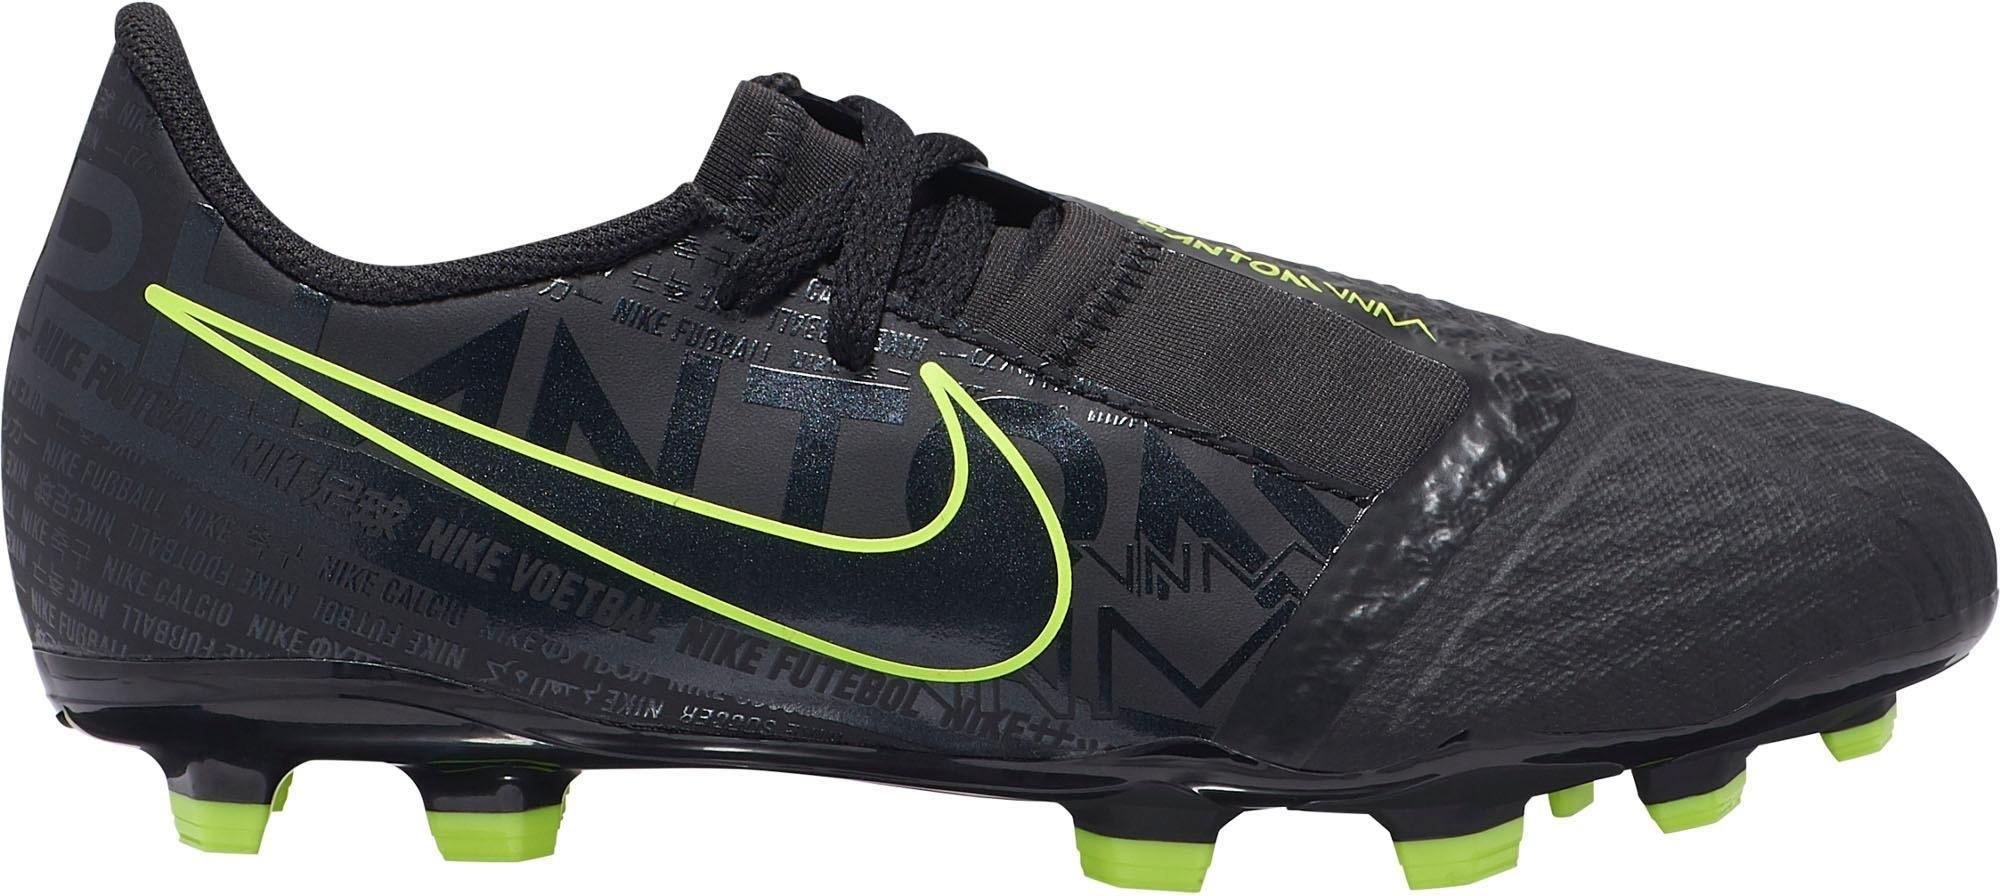 Nike voetbalschoenen »Jr Phantom Venom Academy FG« nu online kopen bij OTTO